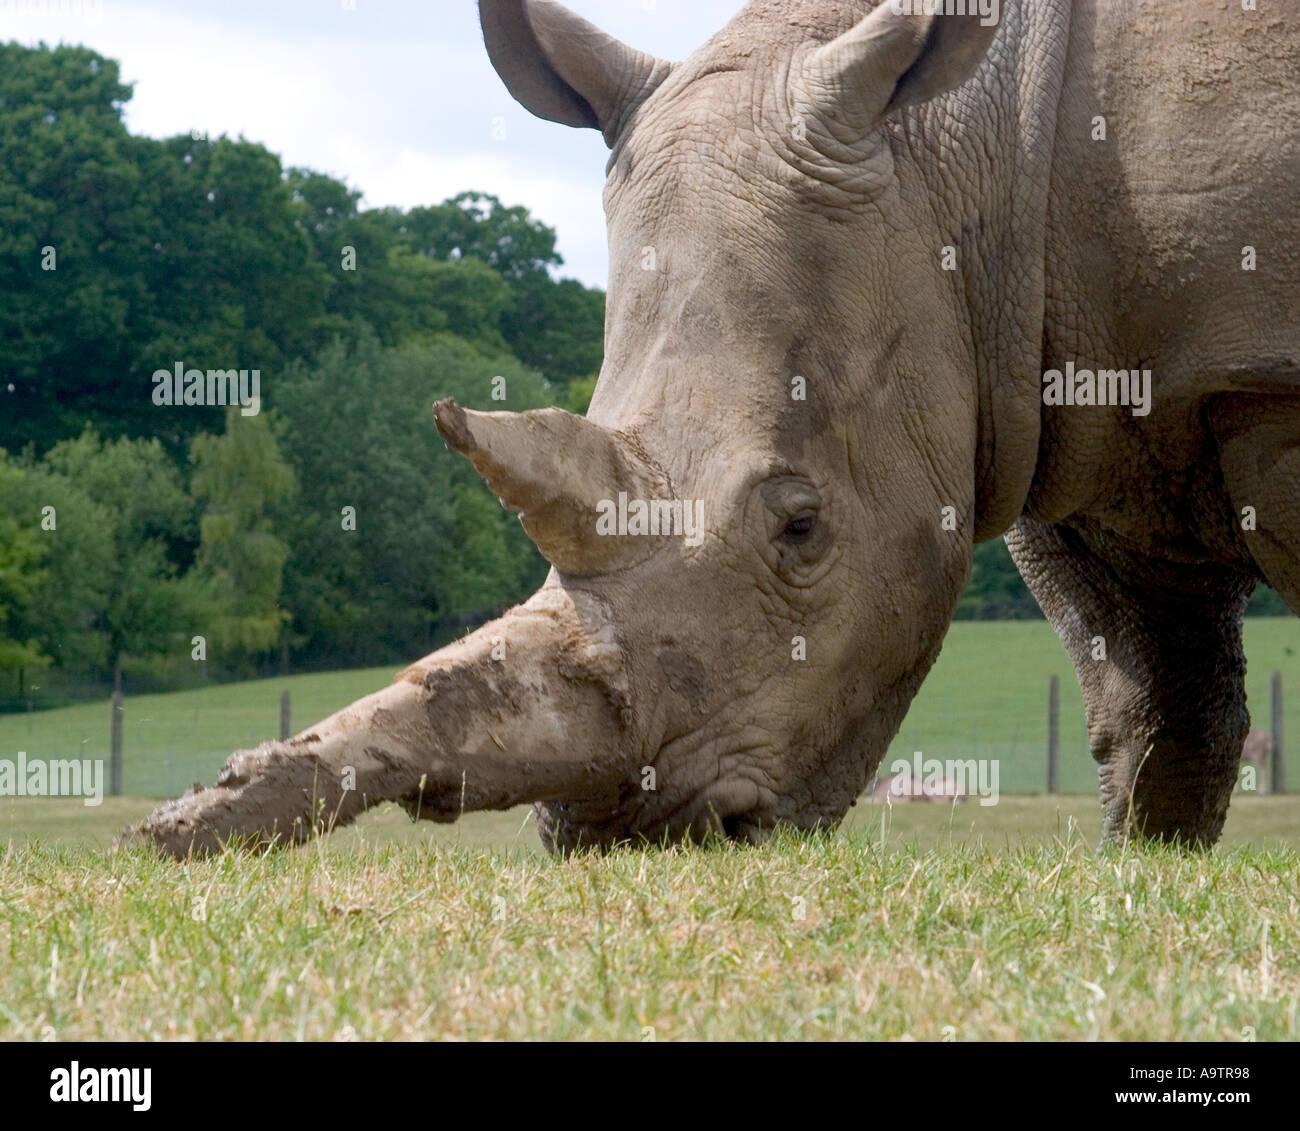 close up of white rhino grazing - Stock Image